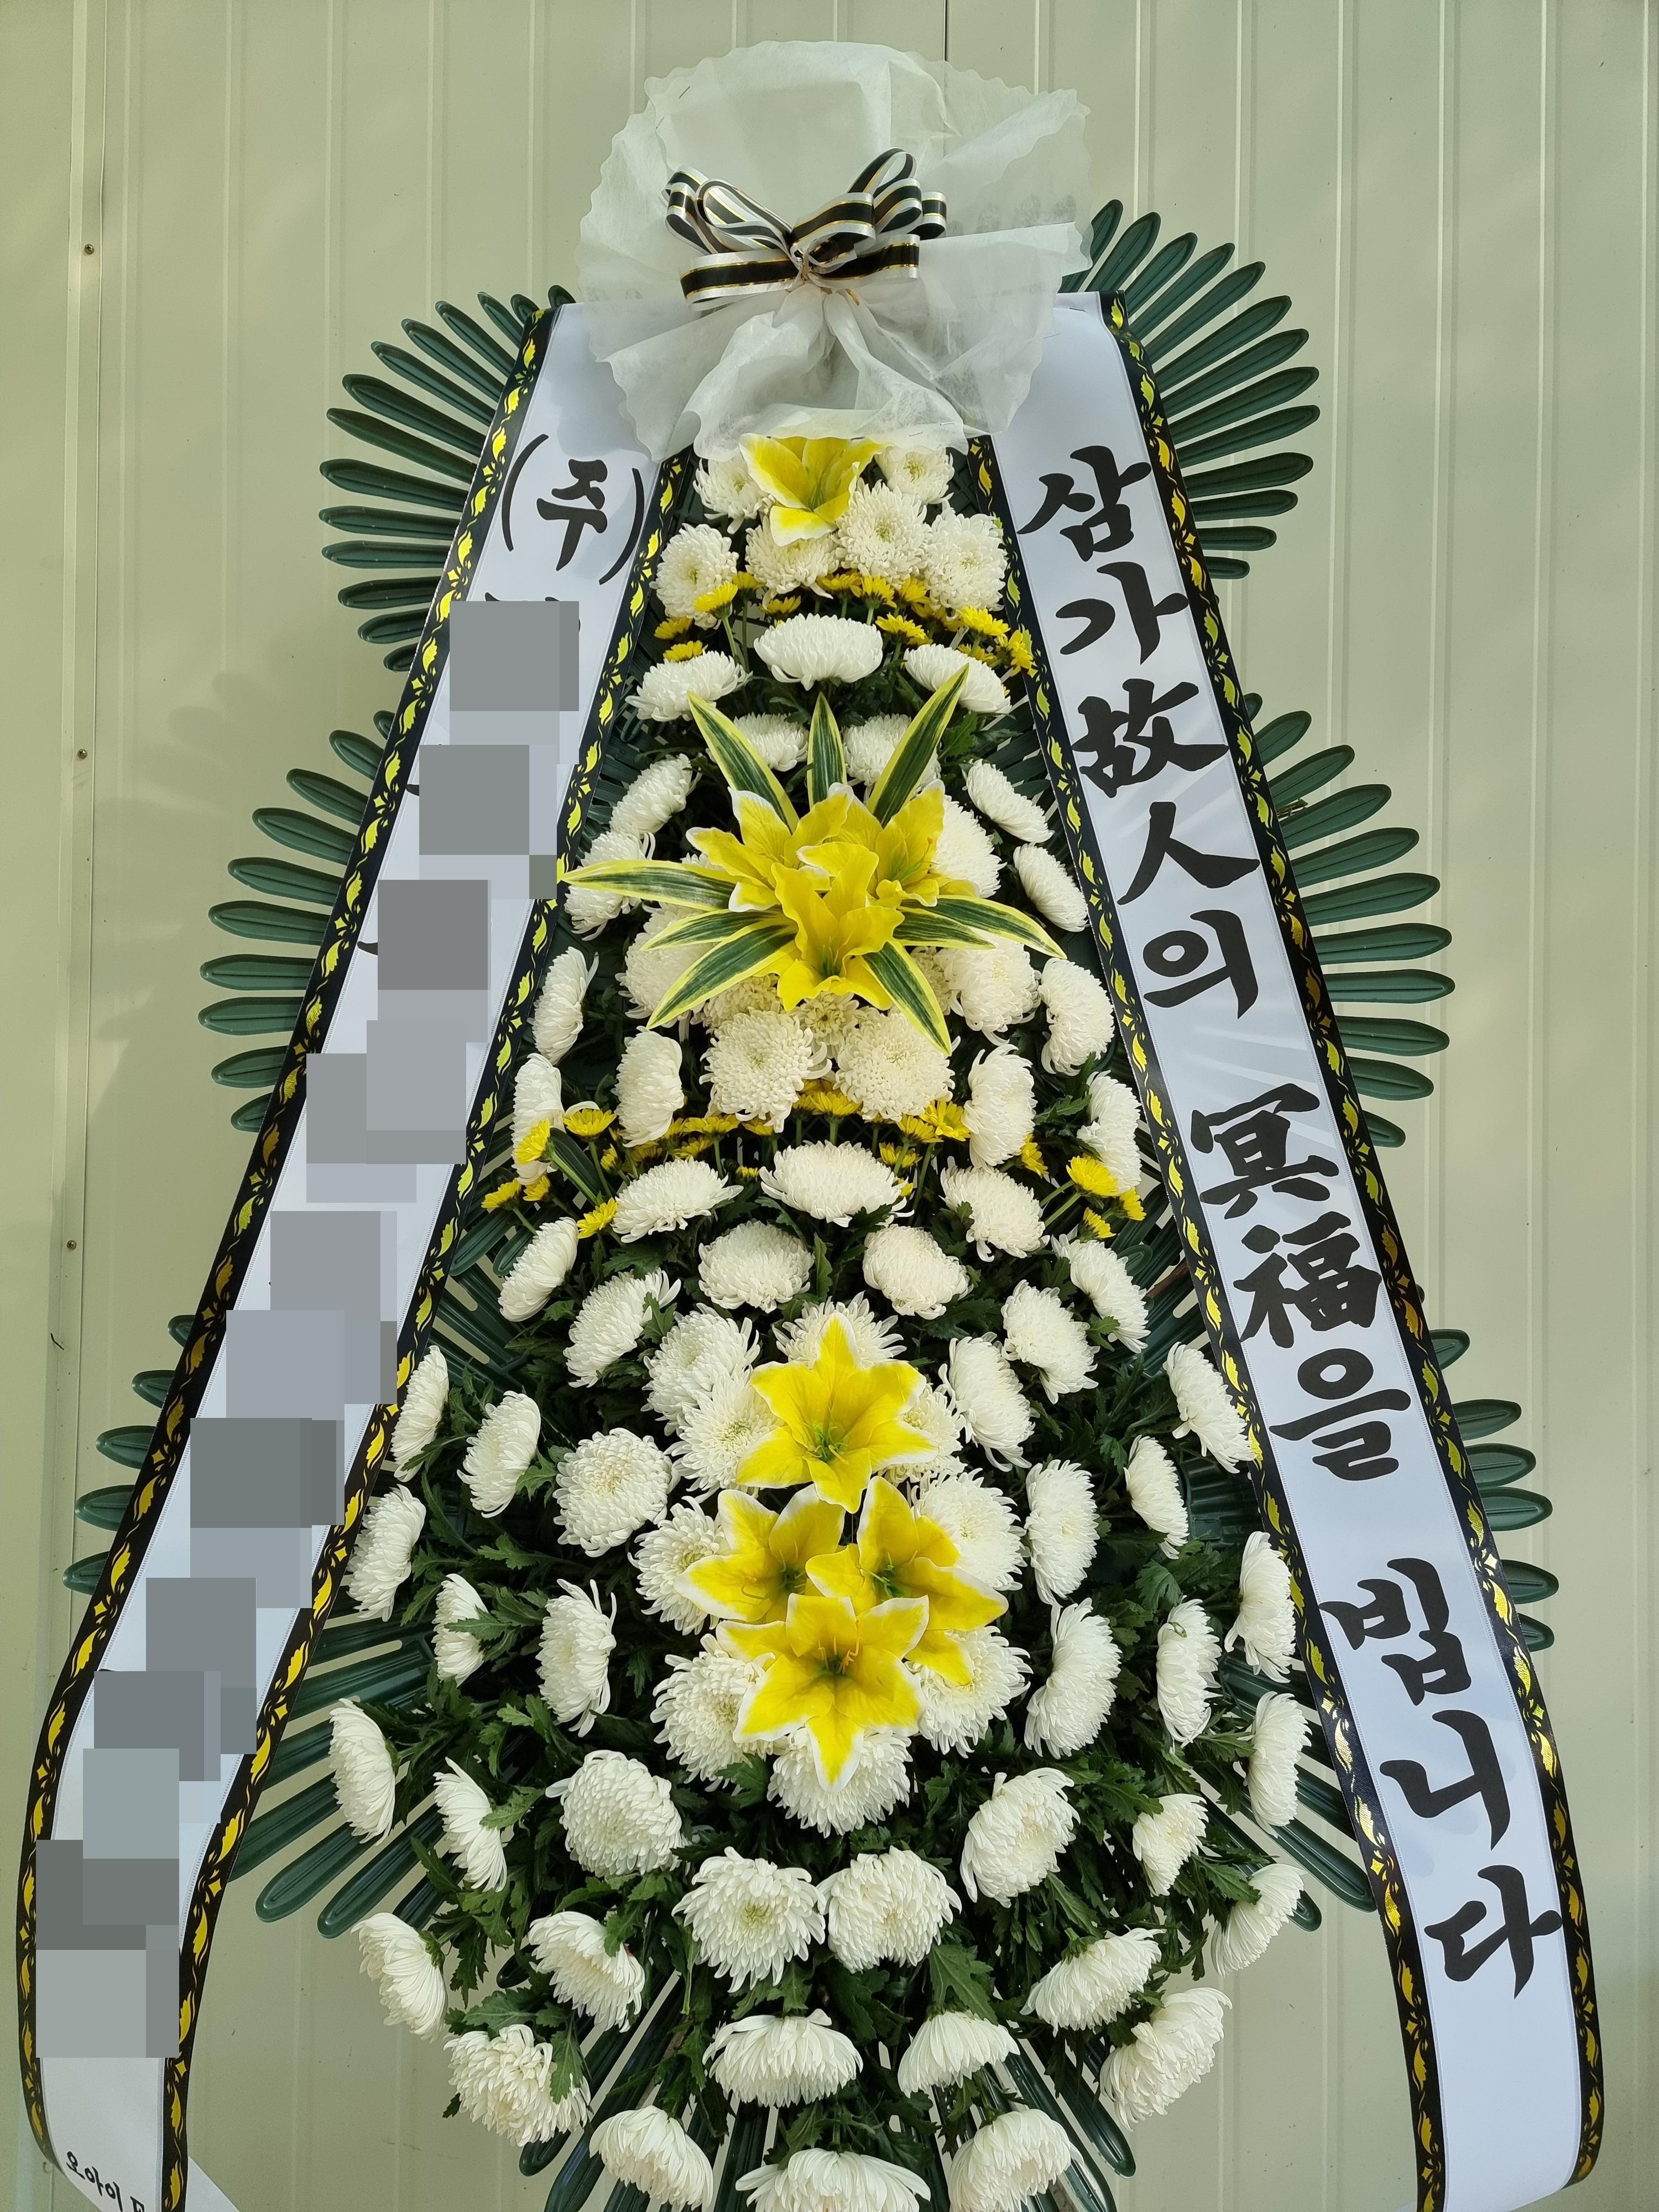 주문자 김00 서울로 배송된 상품사진입니다.